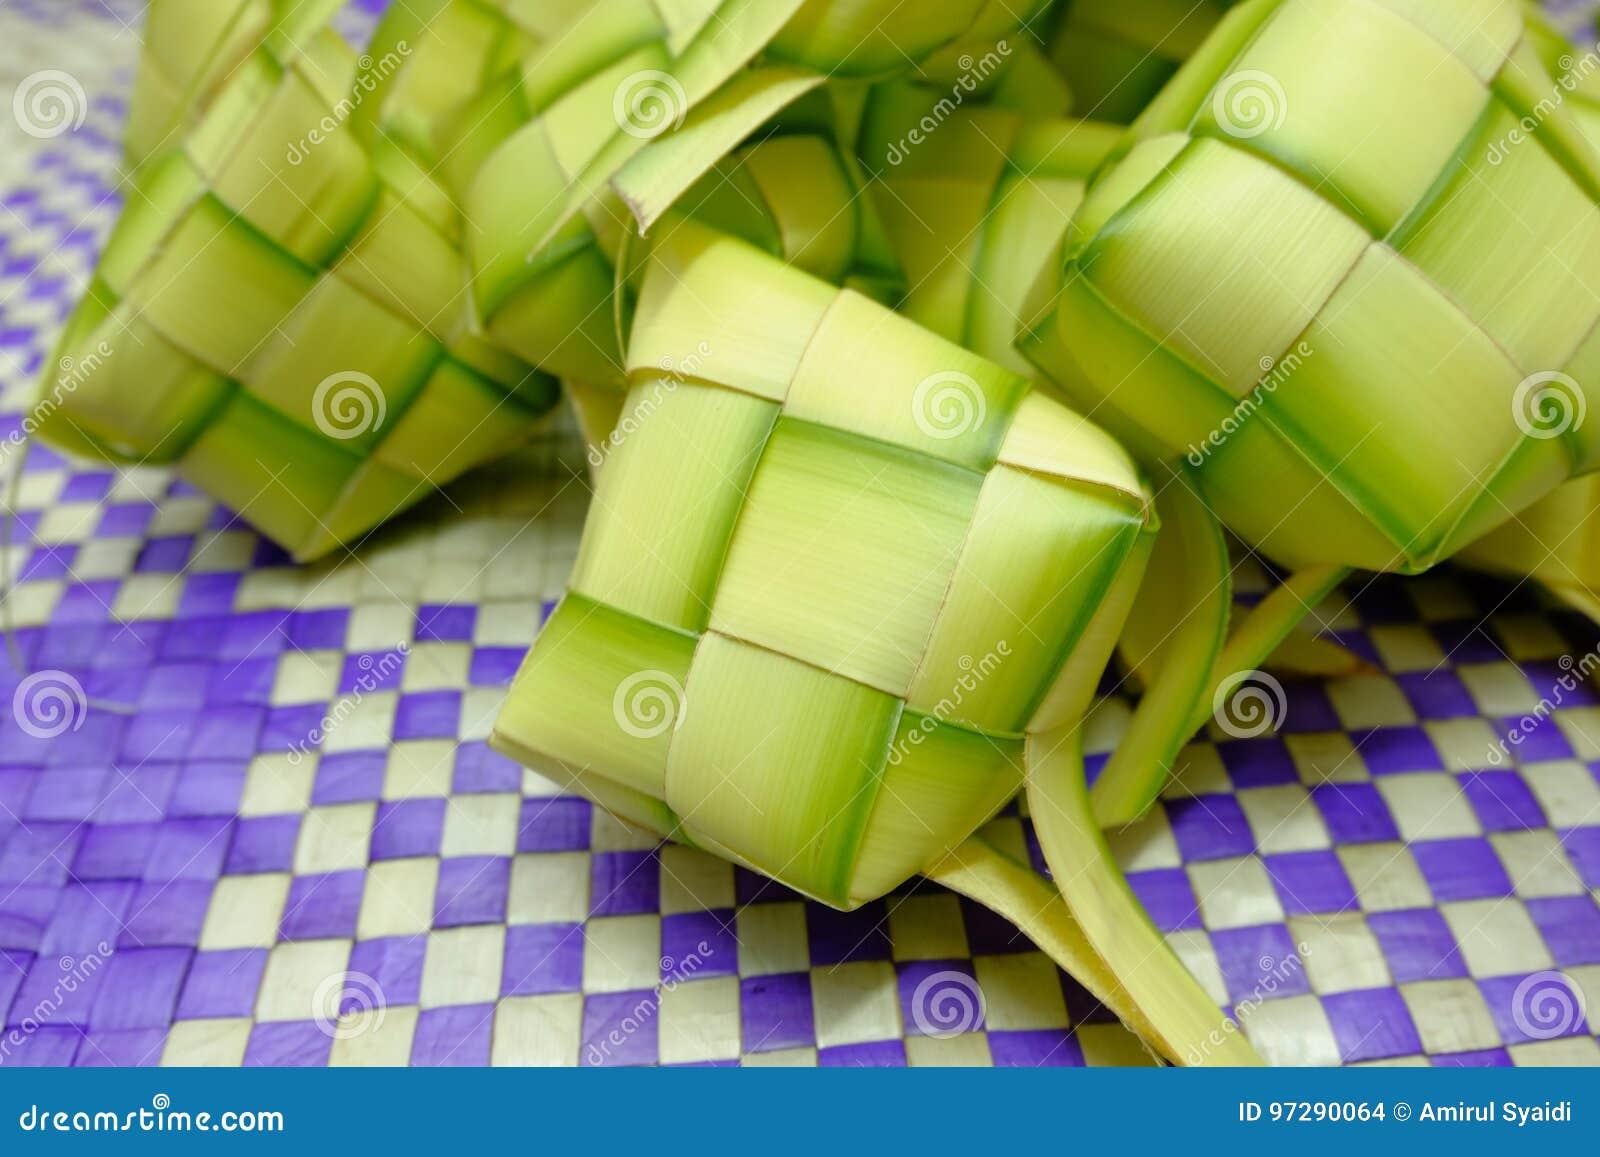 在eid穆巴拉克期间, Ketupat或米饺子是马来西亚最偶象的纤巧盘